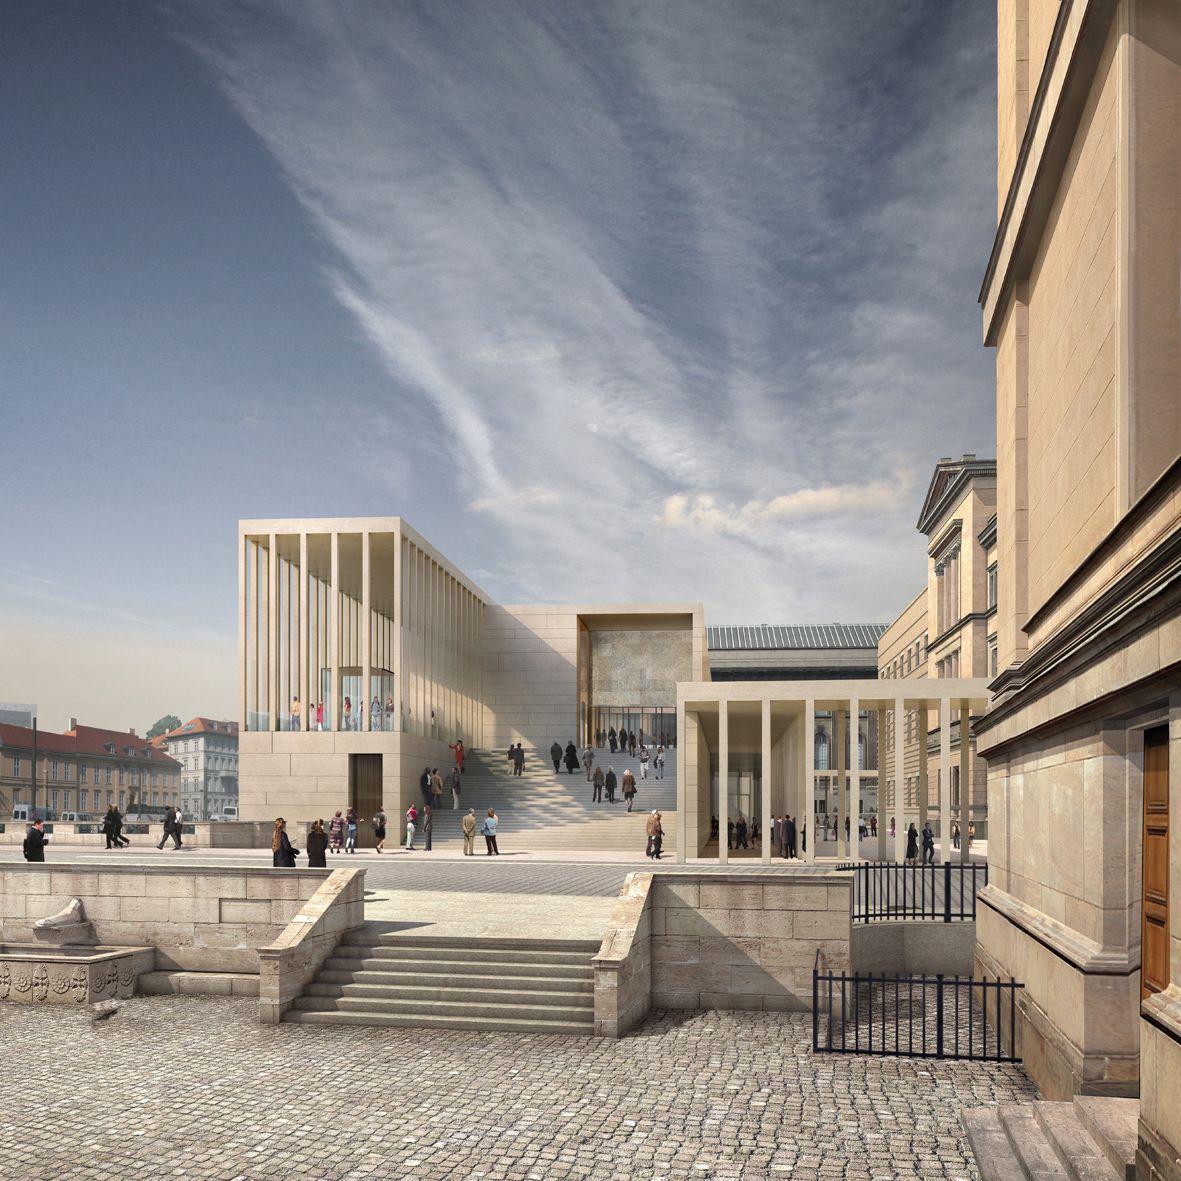 Rendering der James Simon Galerie auf der Museumsinsel in Berlin, Entwurf David Chipperfield Architects © Stiftung Preußischer Kulturbesitz / Imaging Atelier